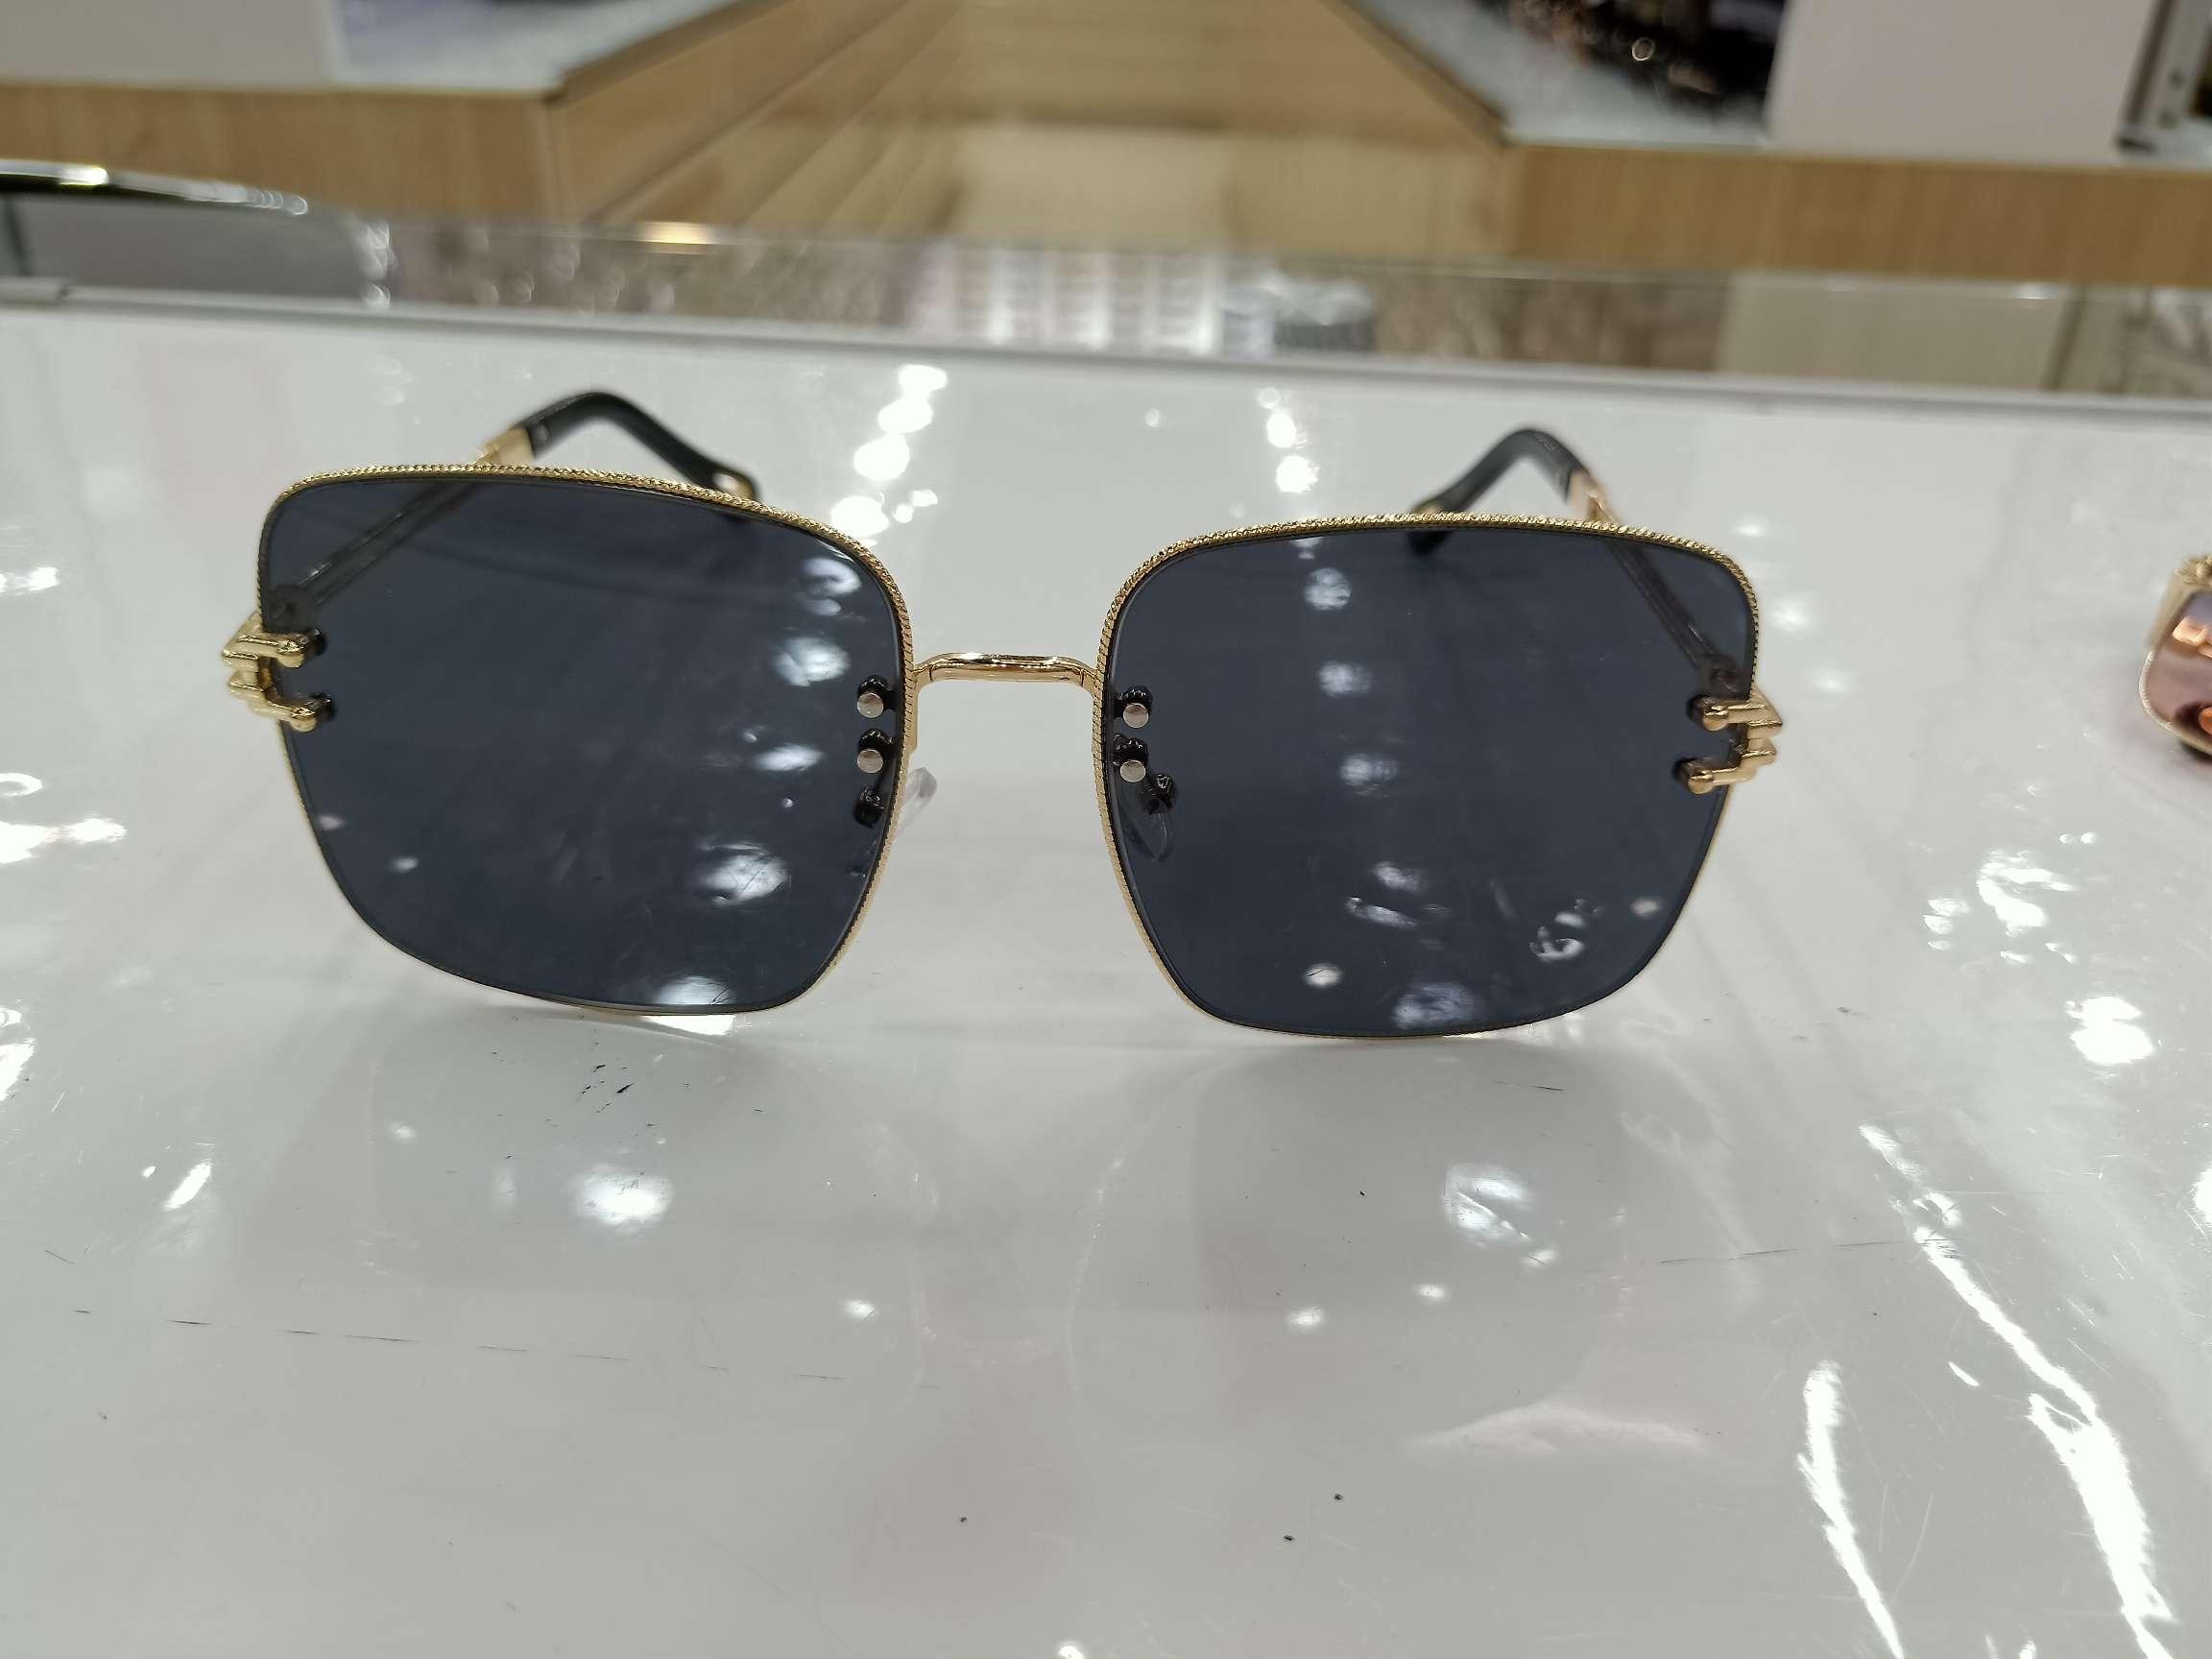 2020新款韩版金属方框太阳镜大框个性网红明星款蛤蟆镜墨镜女眼镜18026